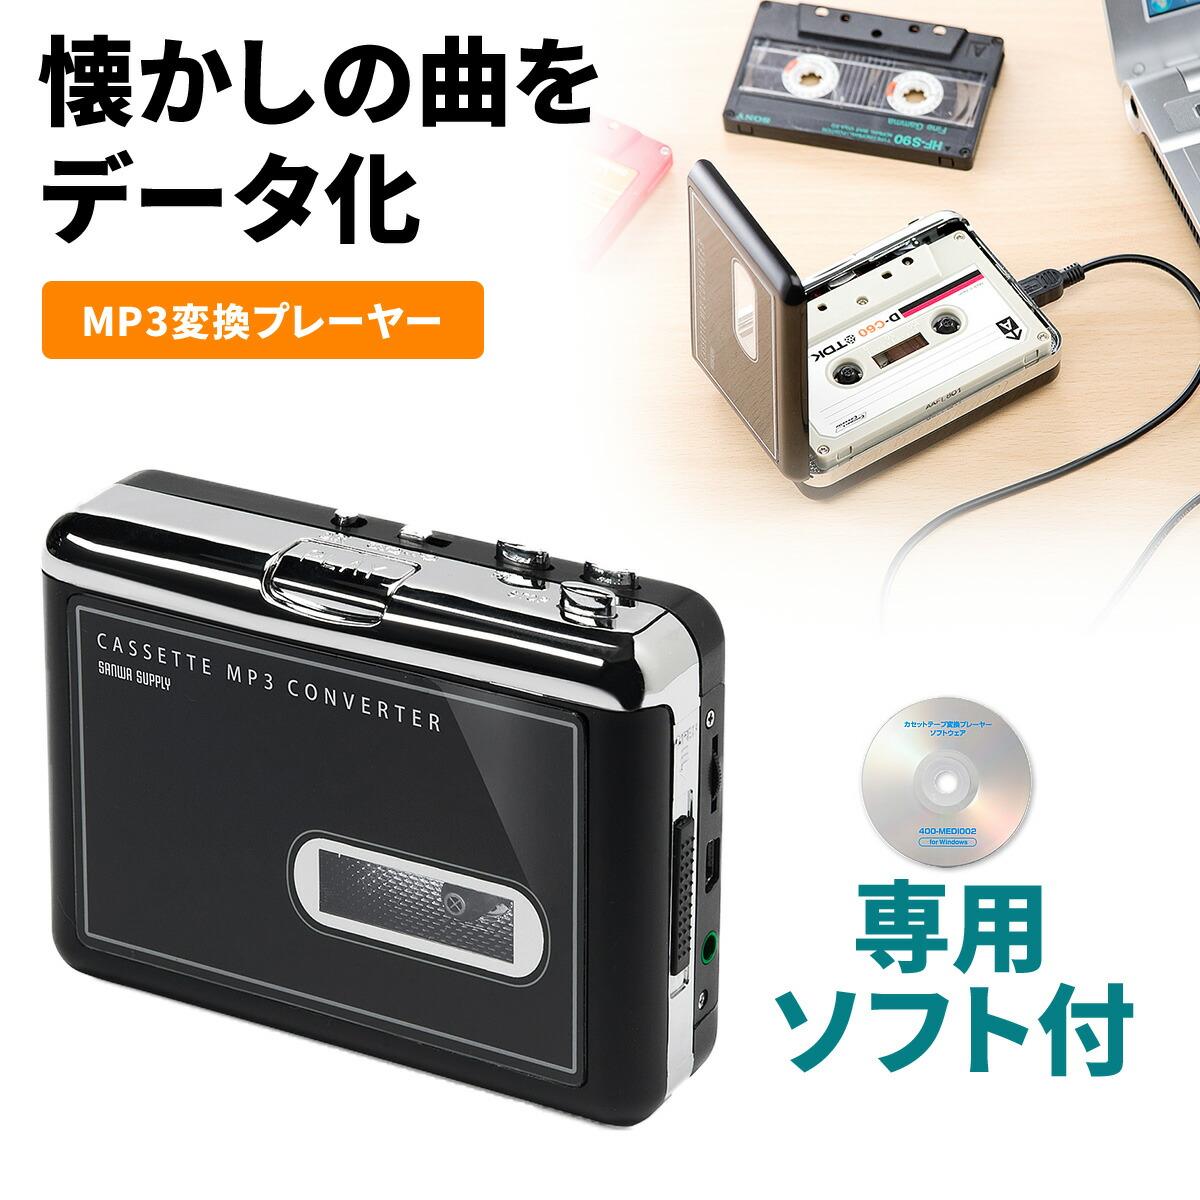 400-MEDI002 サンワダイレクト限定品 送料無料 期間限定で特別価格 当店は最高な サービスを提供します カセットテープ MP3 カセットテープレコーダー デジタル化 ラジカセ 変換プレーヤー カセットテーププレーヤー